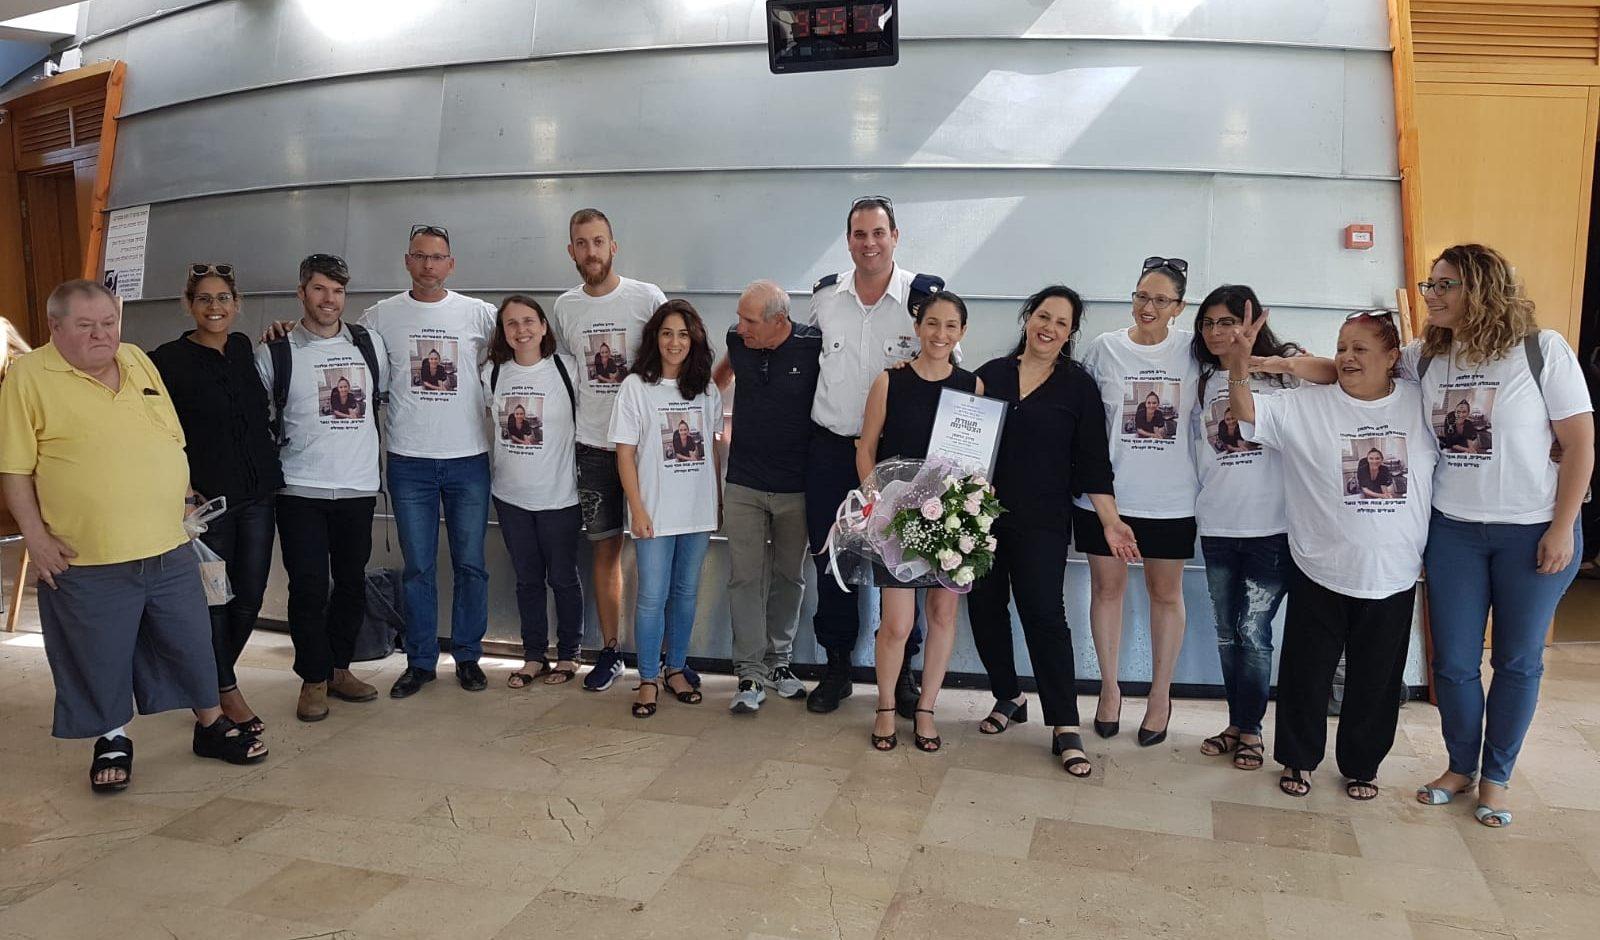 מירב הלפמן (במרכז) עם אמיר קולמן וחבריה לעבודה לאחר קבלת התעודה. צילום עיריית כפר סבא